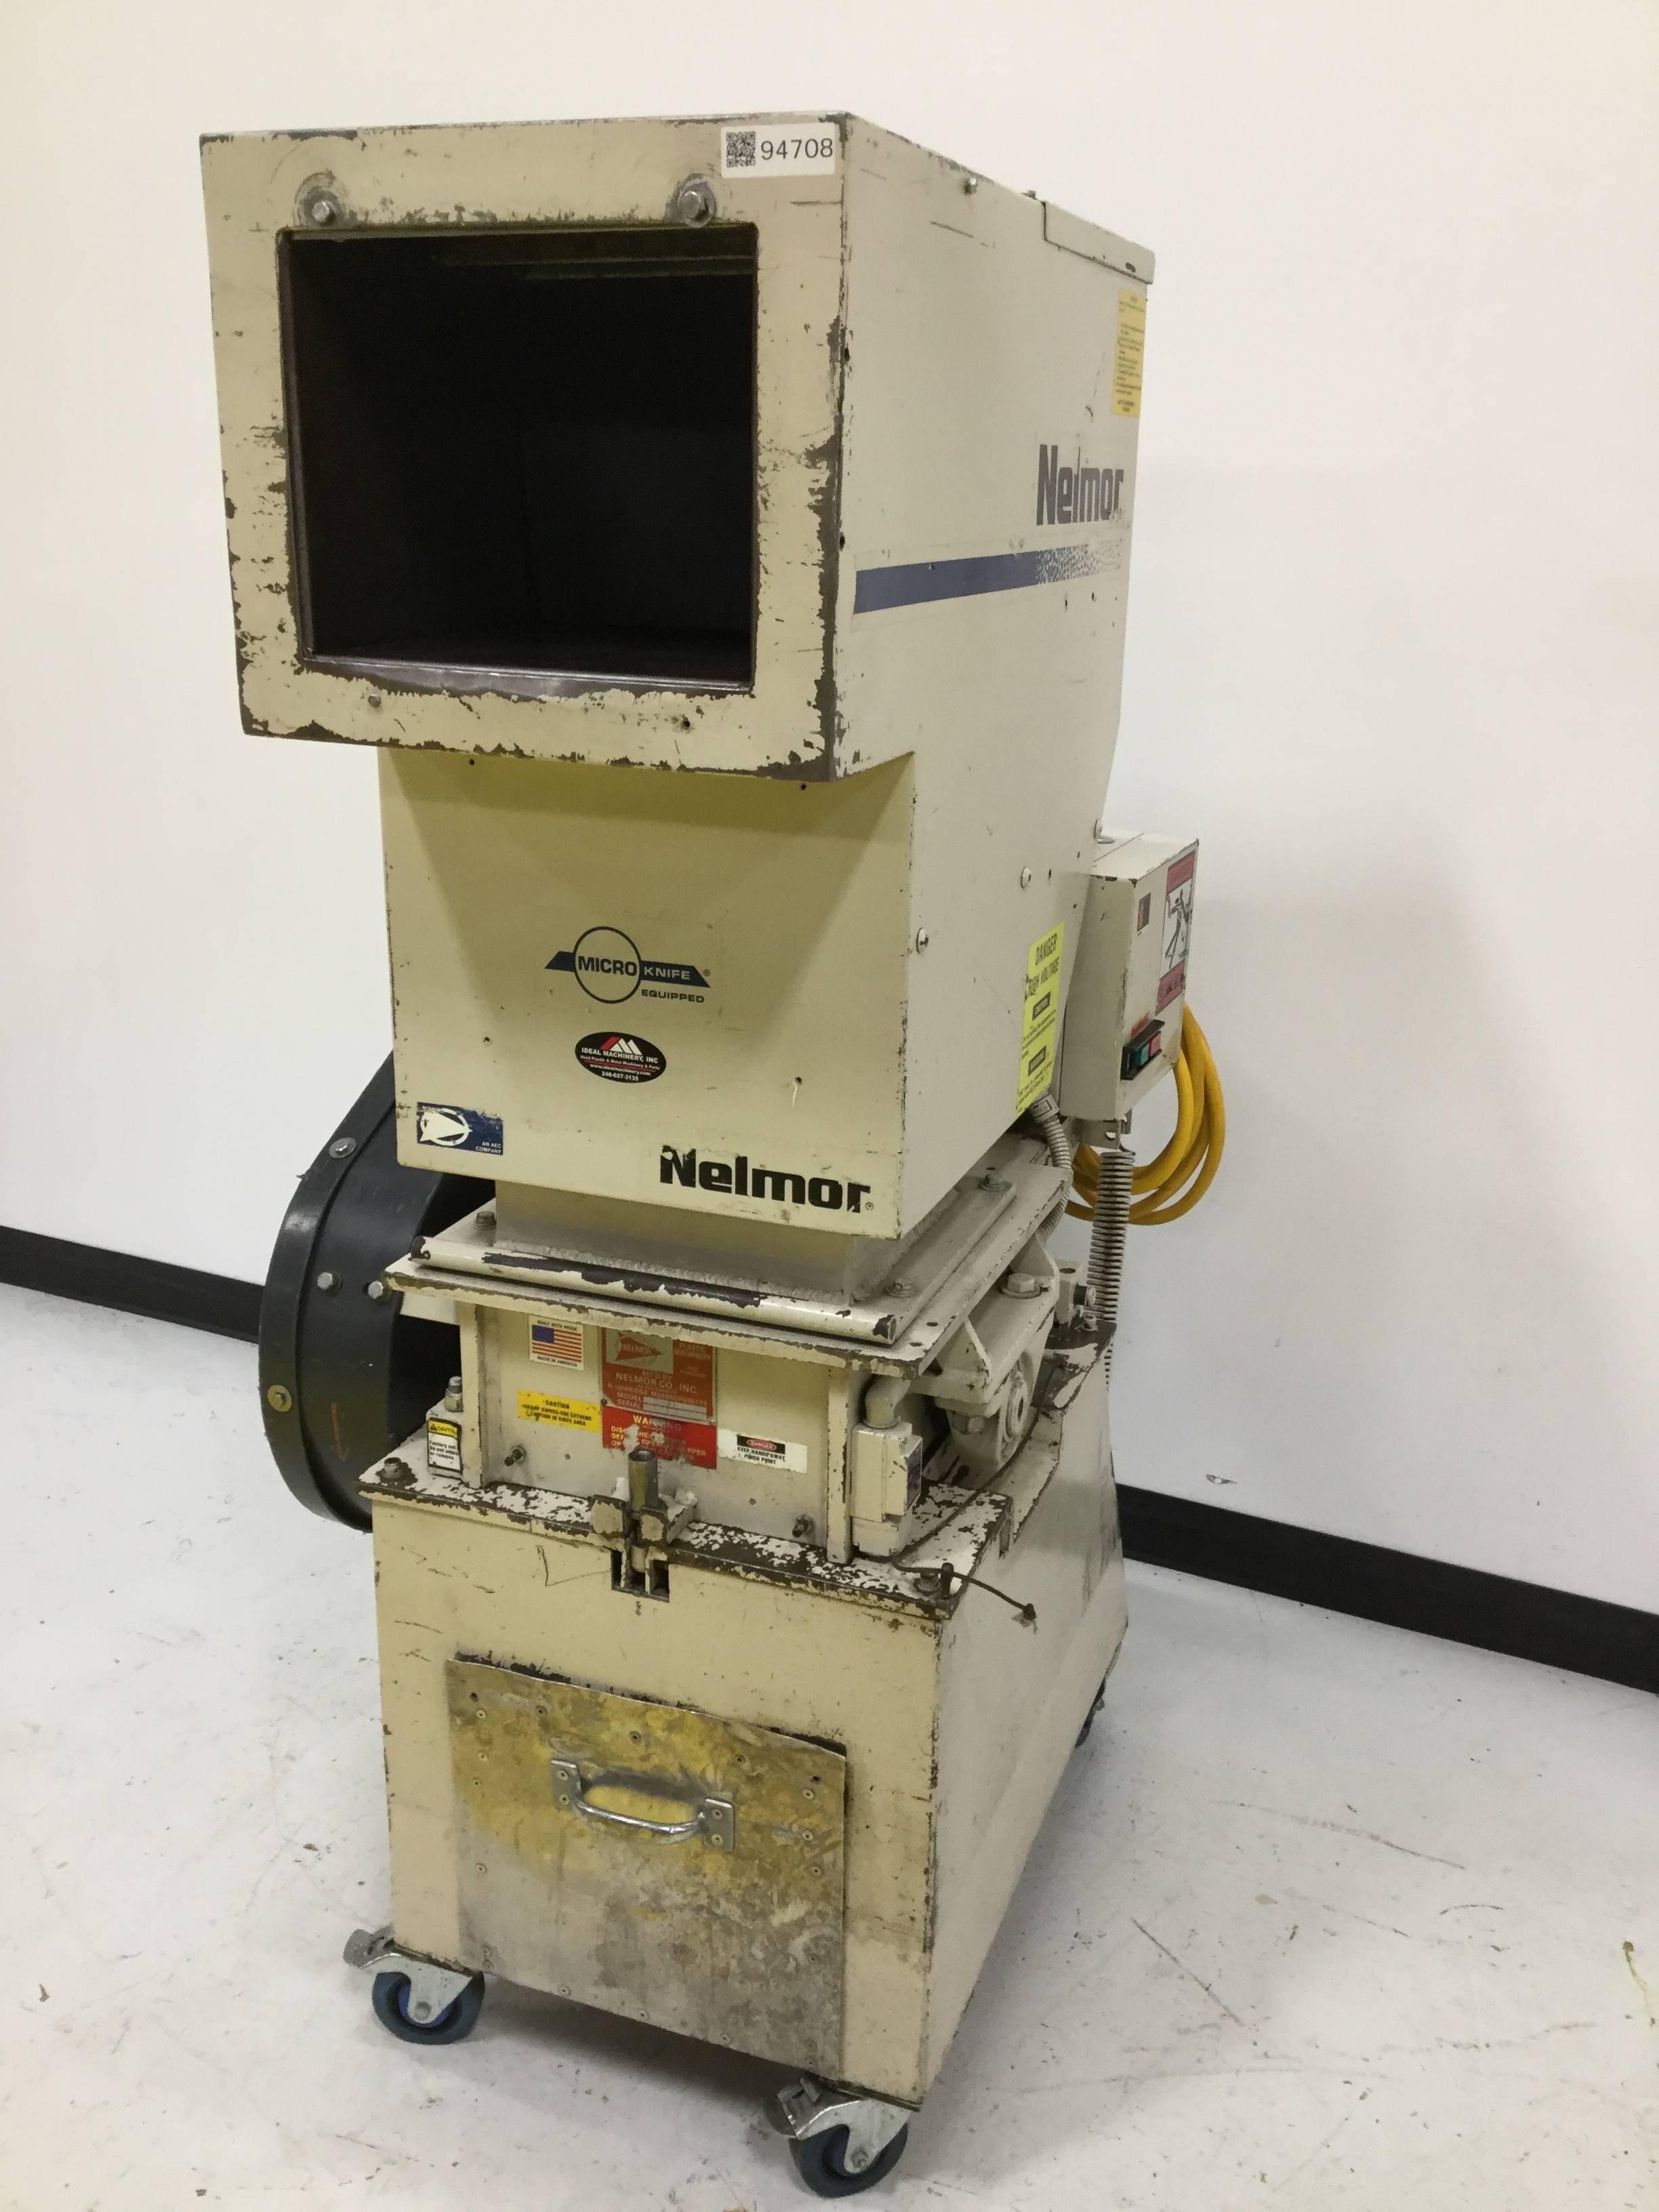 Nelmor model g2045hd (75) horse power granulator international.